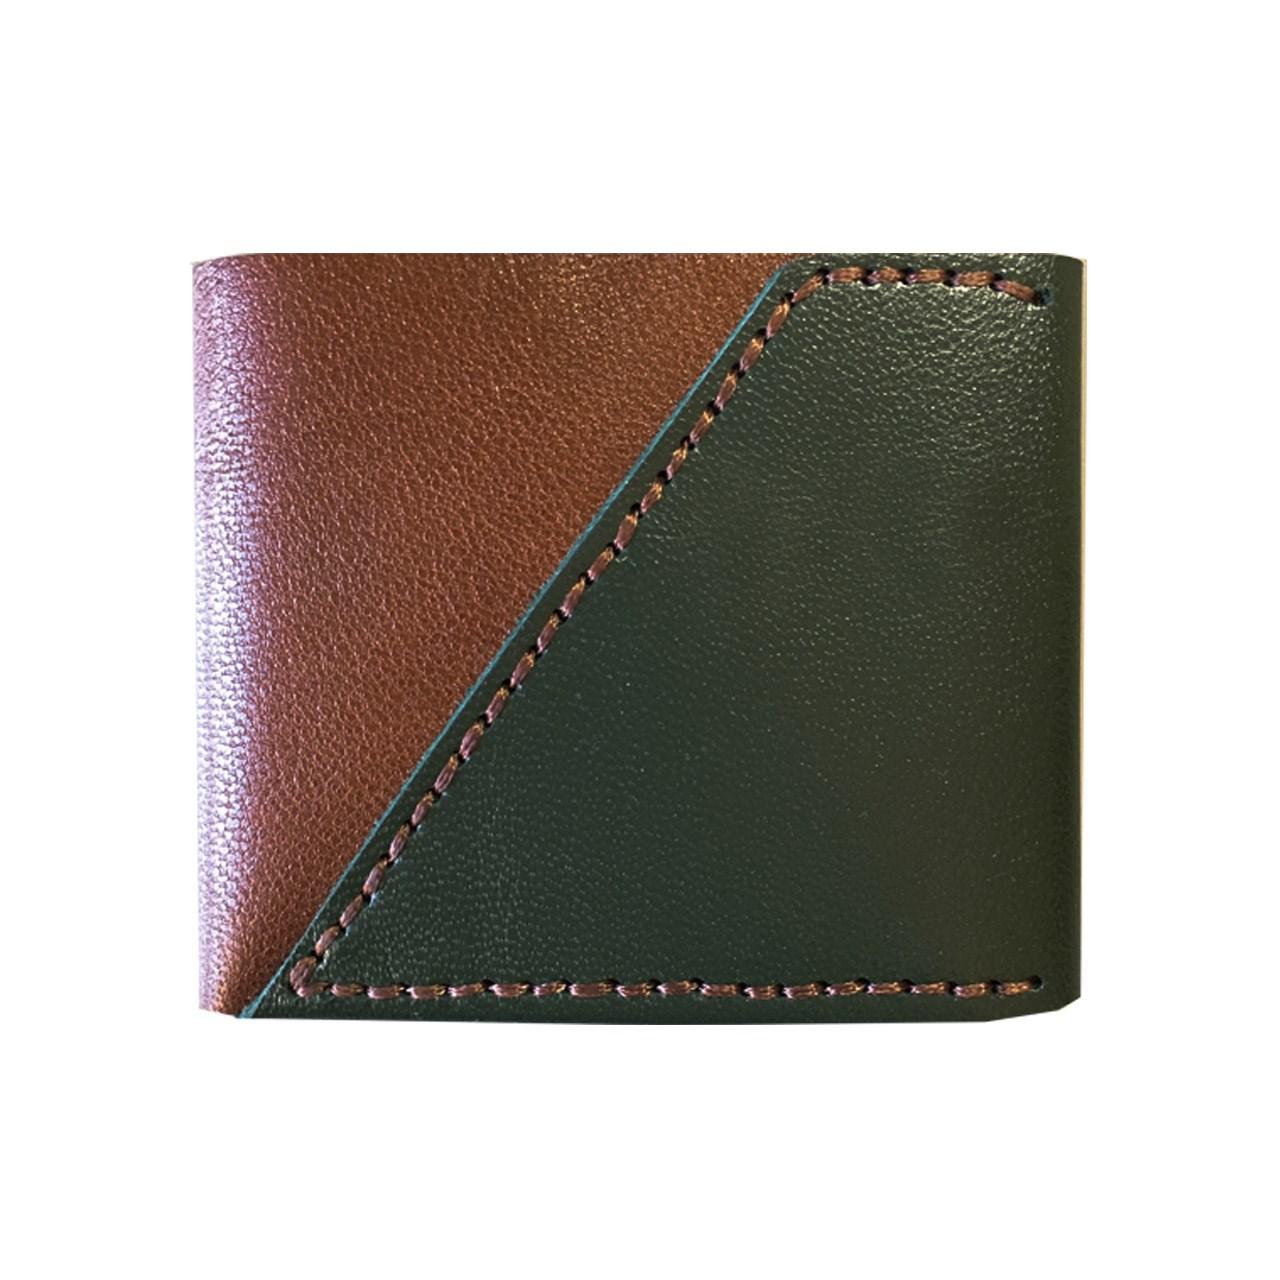 کیف پول چرم طبیعی ای دی گالری مدل B1